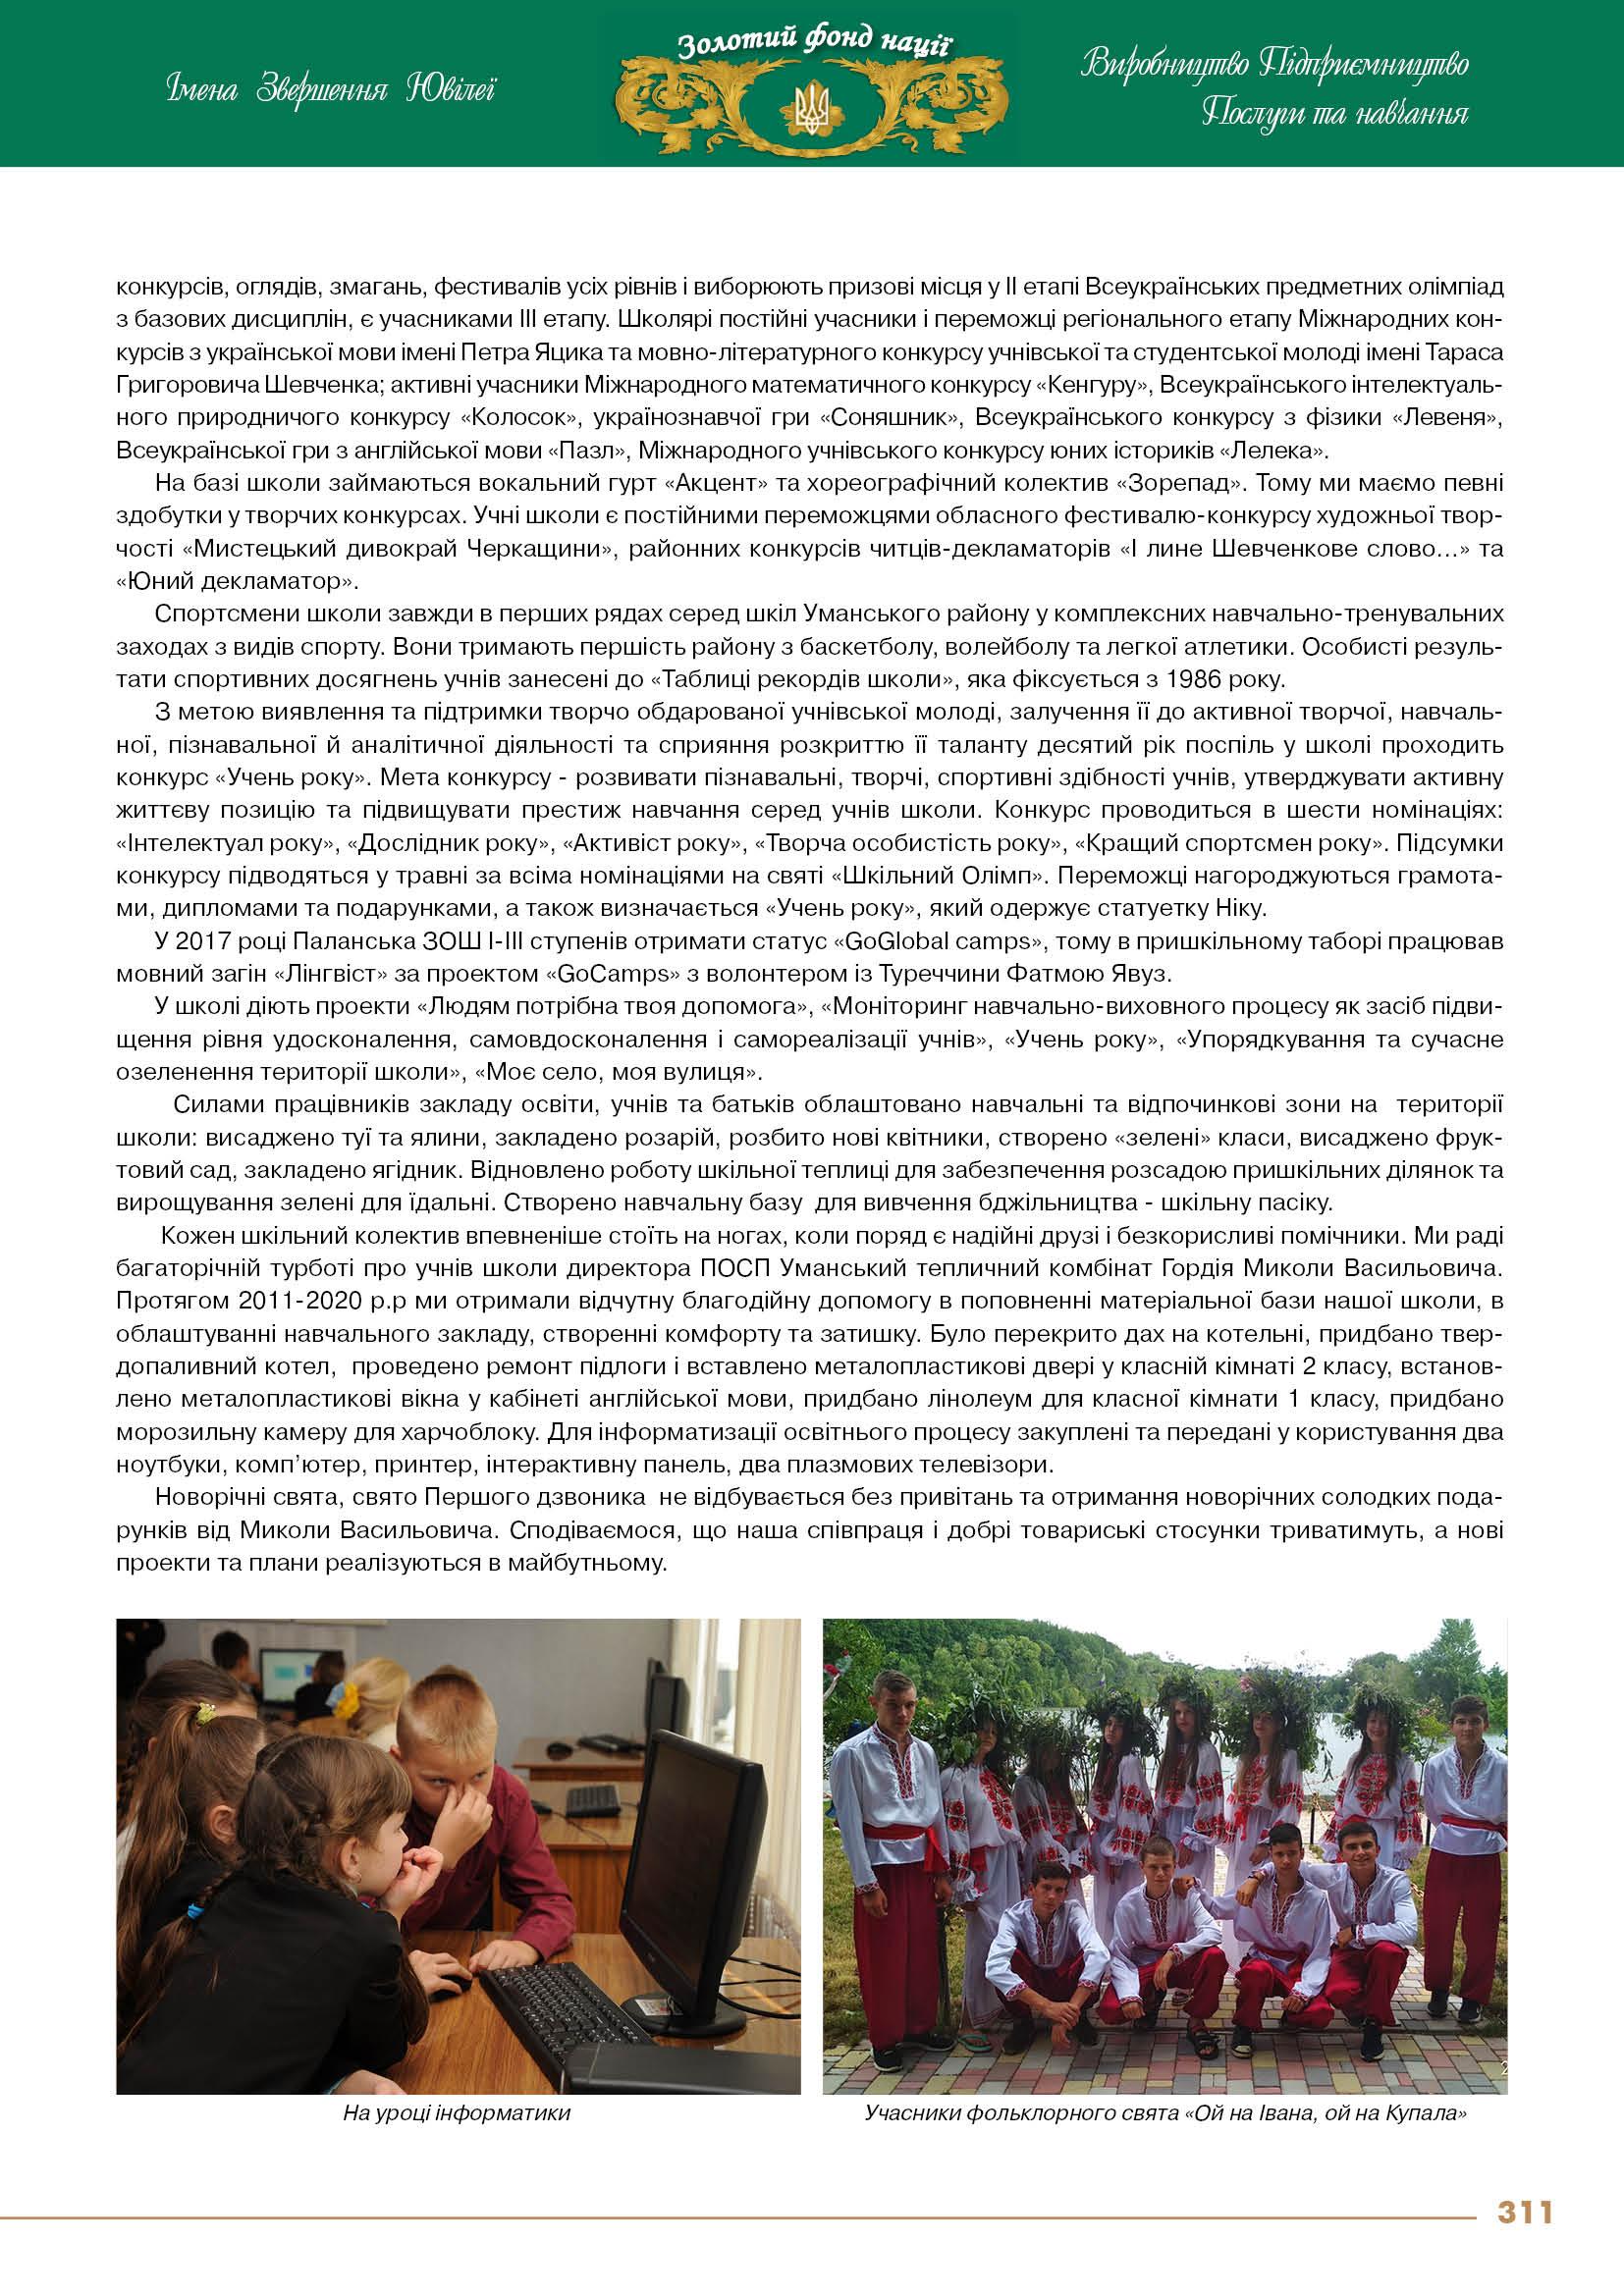 Паланська загальноосвітня школа І-ІІІ ступенів - директор Реньгач Наталія Петрівна